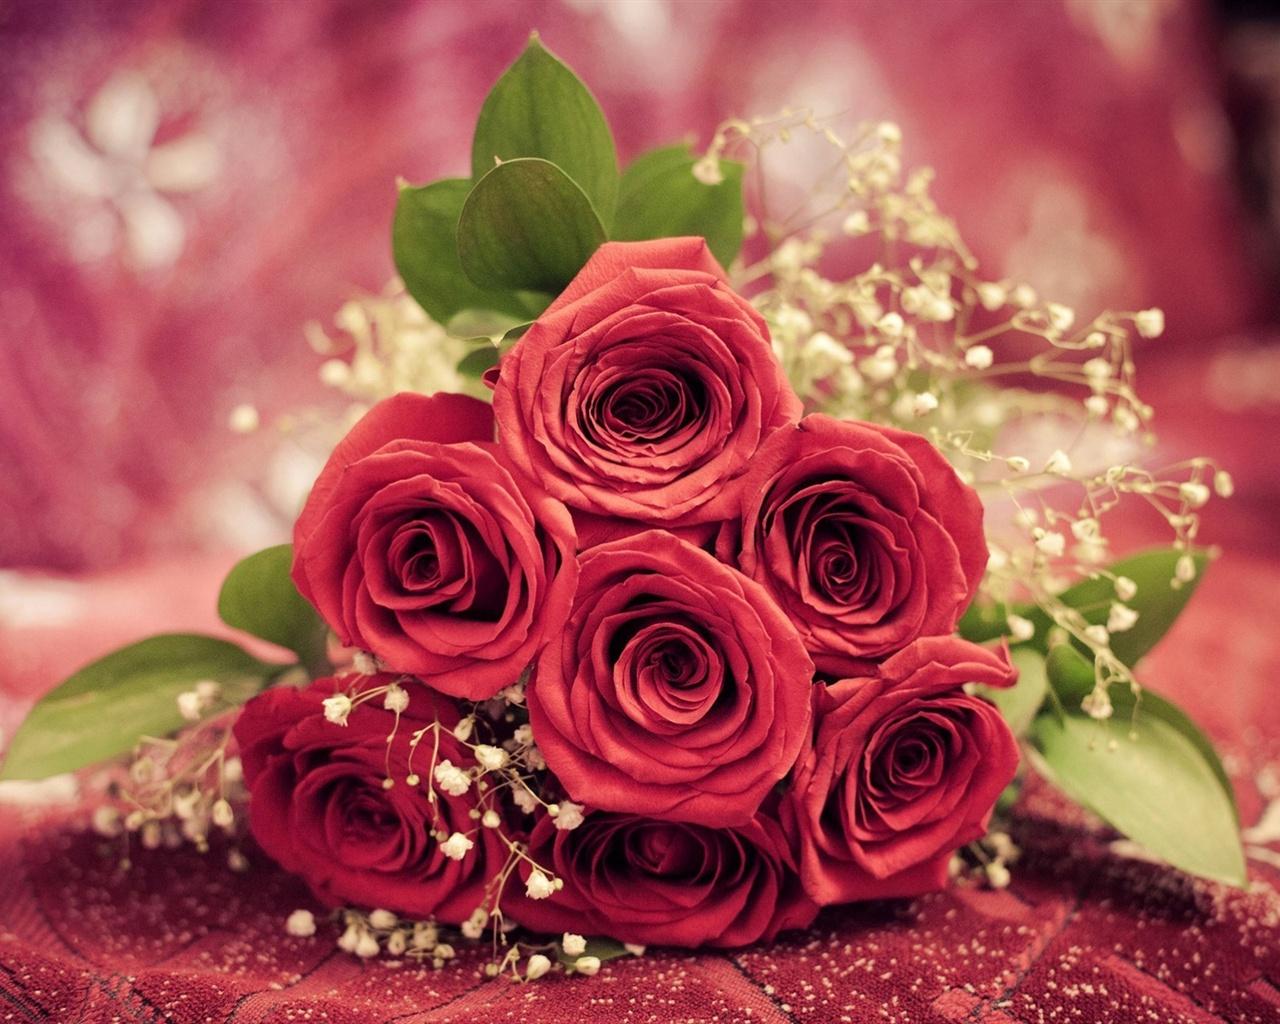 Обои розы на рабочий стол широкоформатные - a348